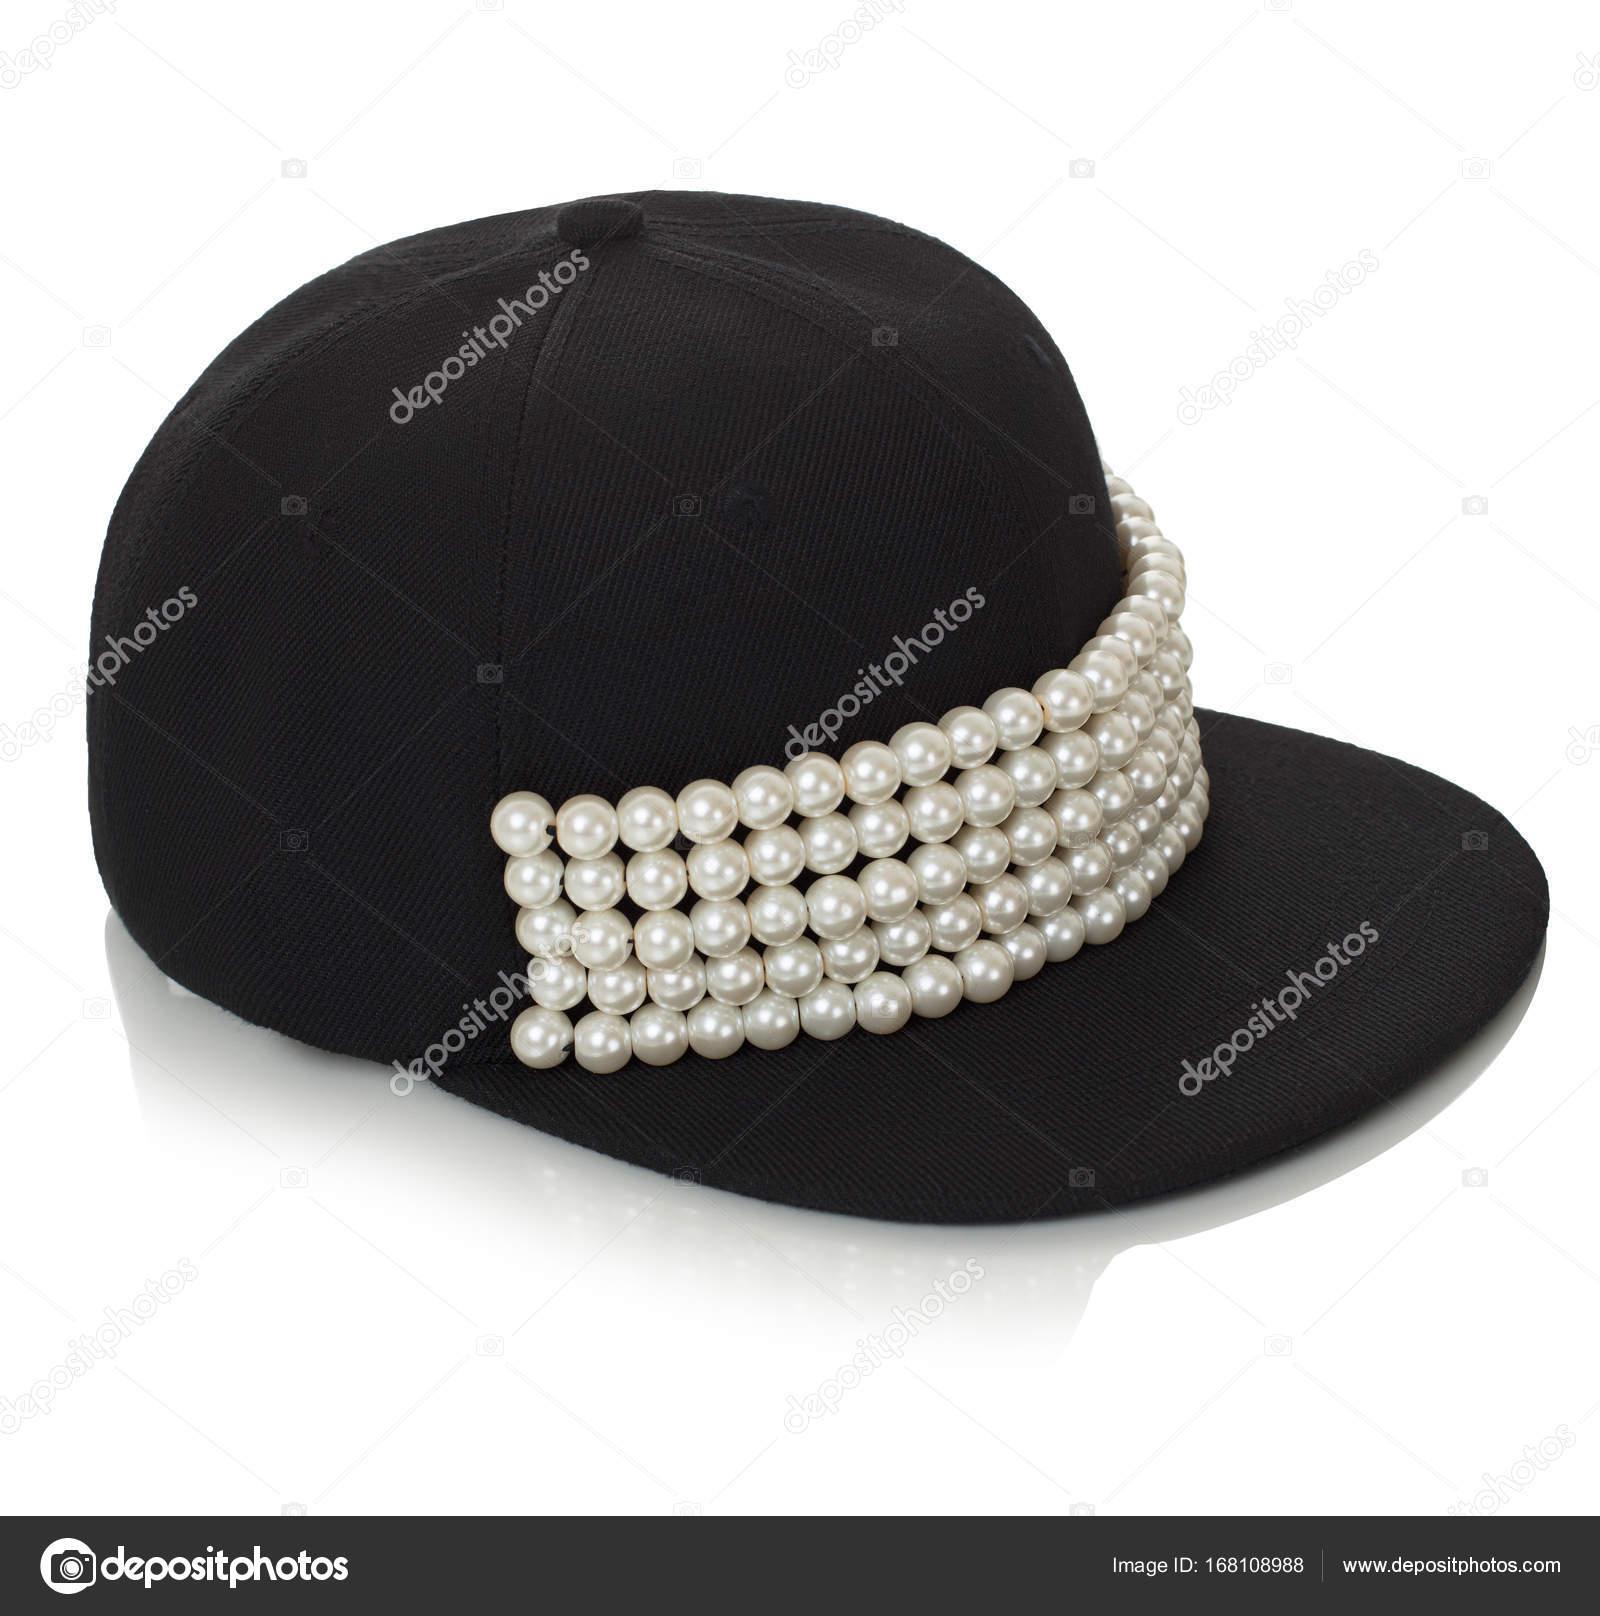 7d8252e85e2f3 Boné de beisebol feminino preto com pérolas de decoração brilhante ...